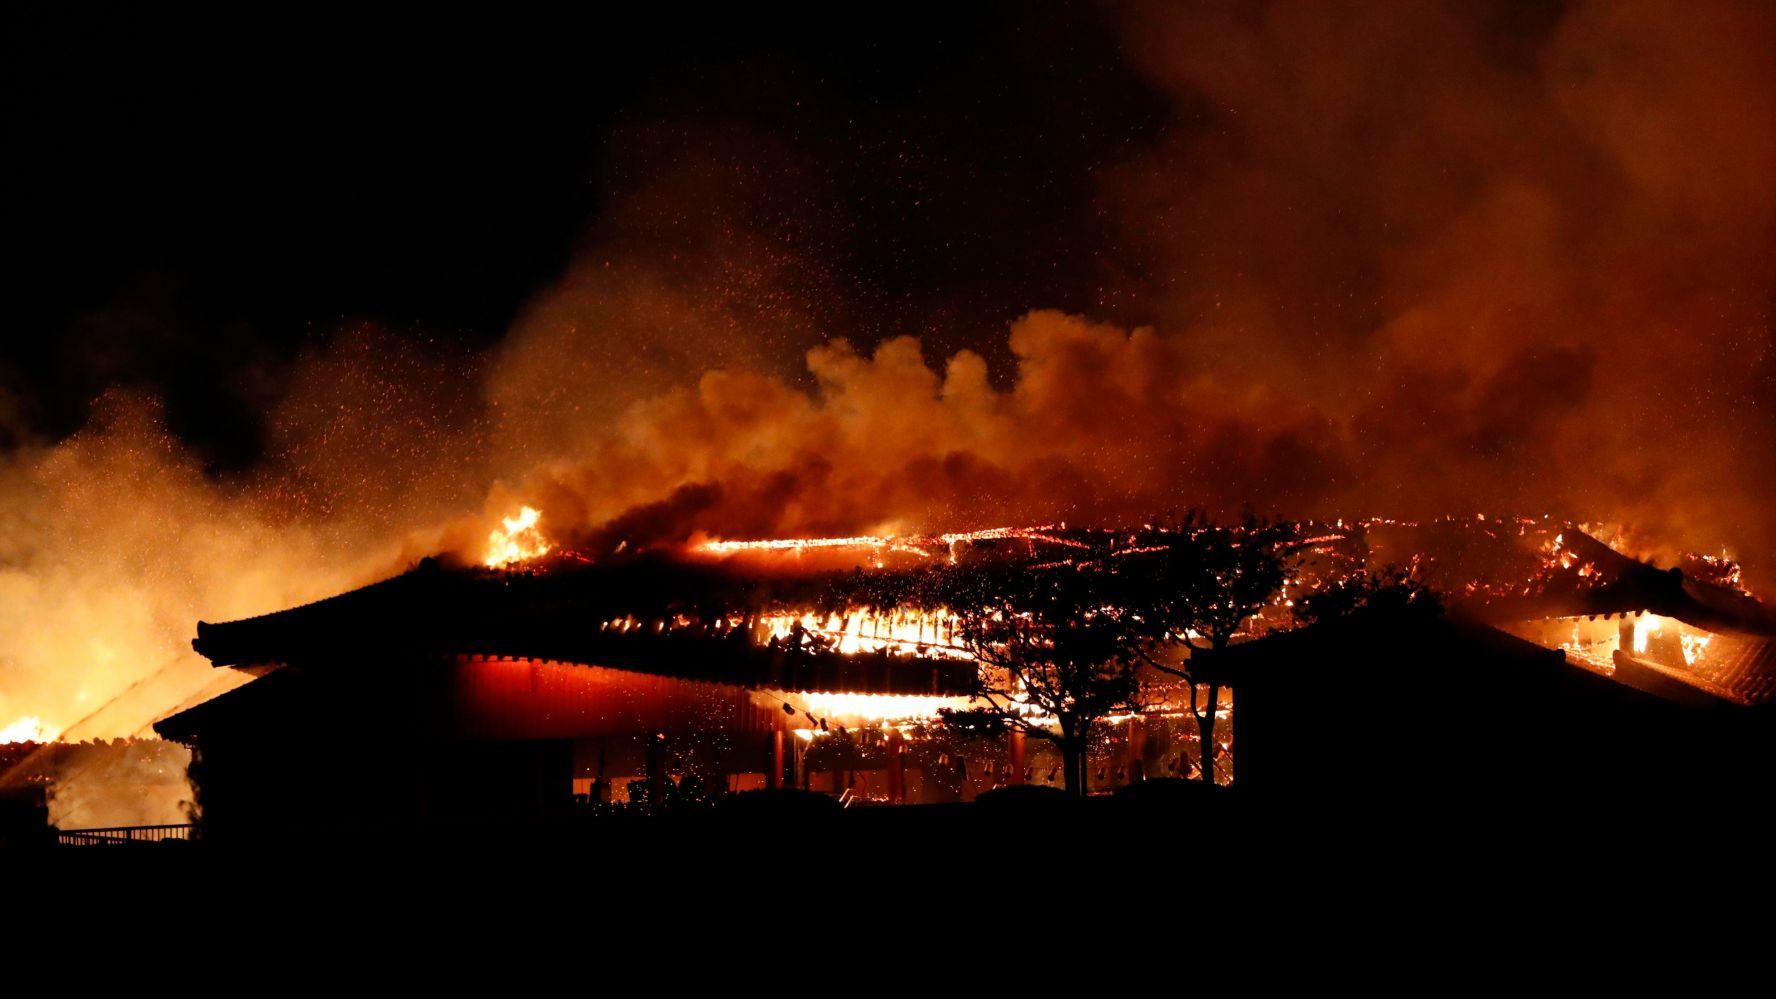 incendio-japon-castillo-shuri-fotos-videos-imagenes-okinawa-01